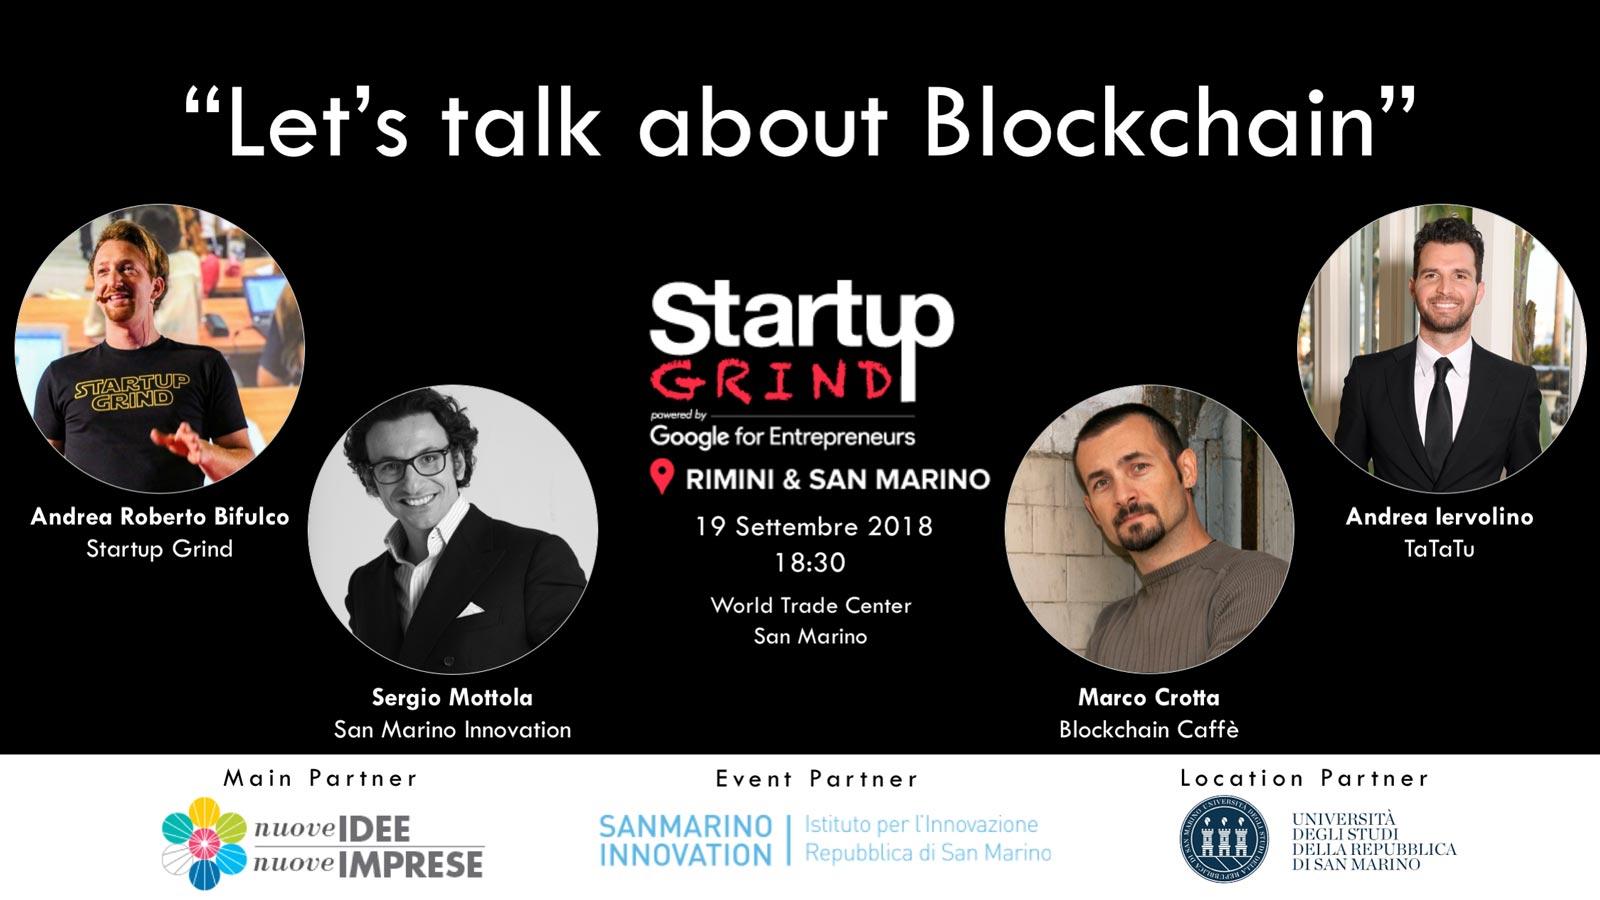 events-startup-grind-02-blog.jpg